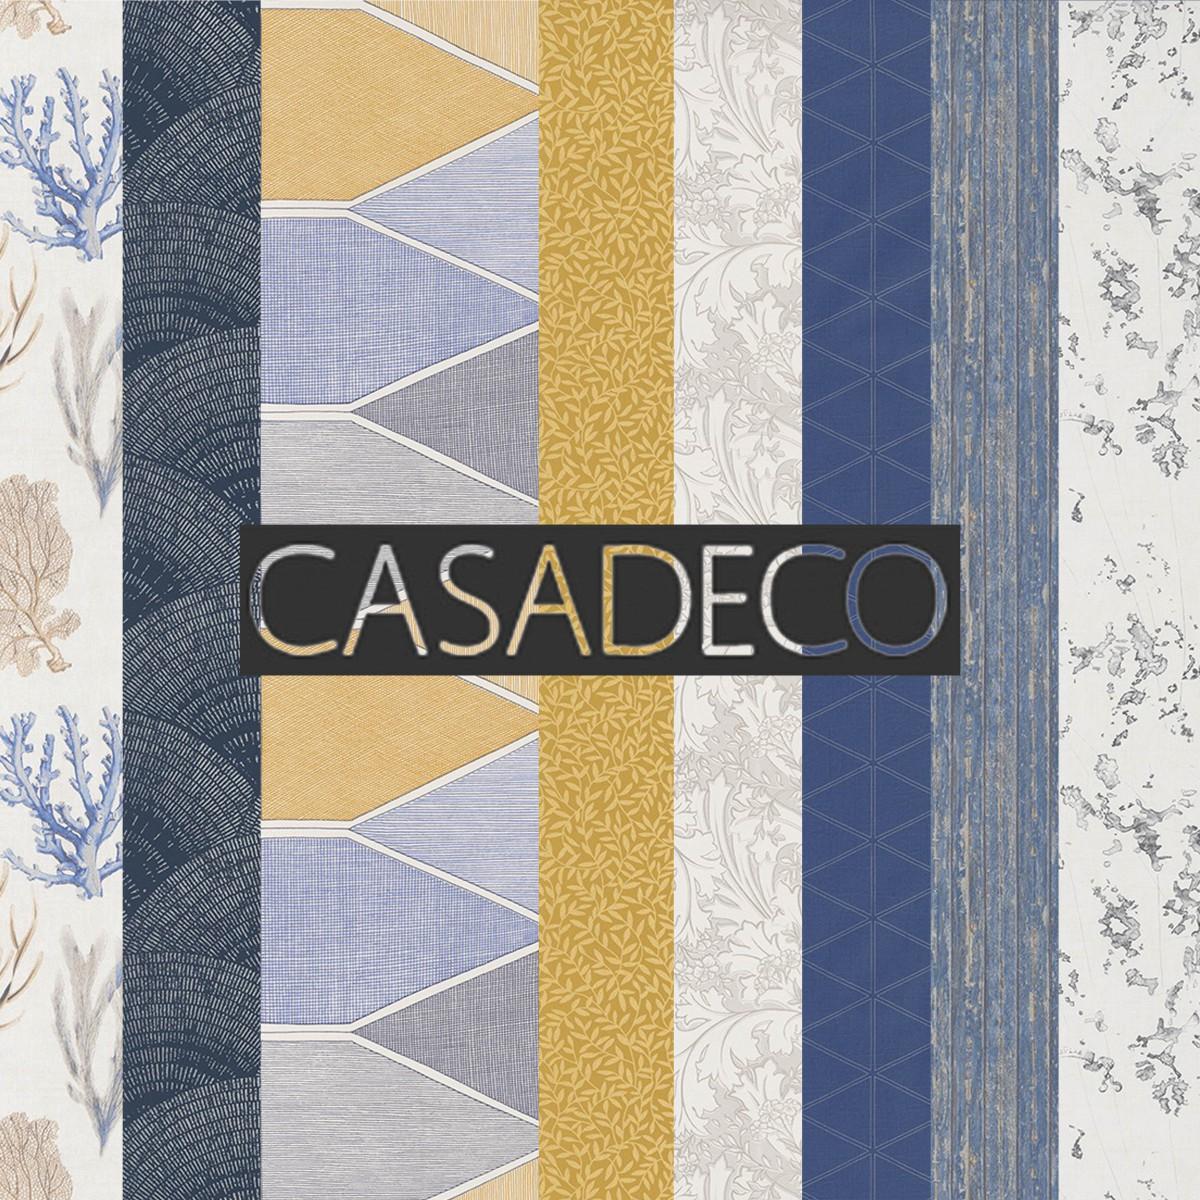 d-users-hp-desktop-edd-site-internet-nos-produits-papiers-peint-casadeco-ok-2019-avril-casadeco-couverture